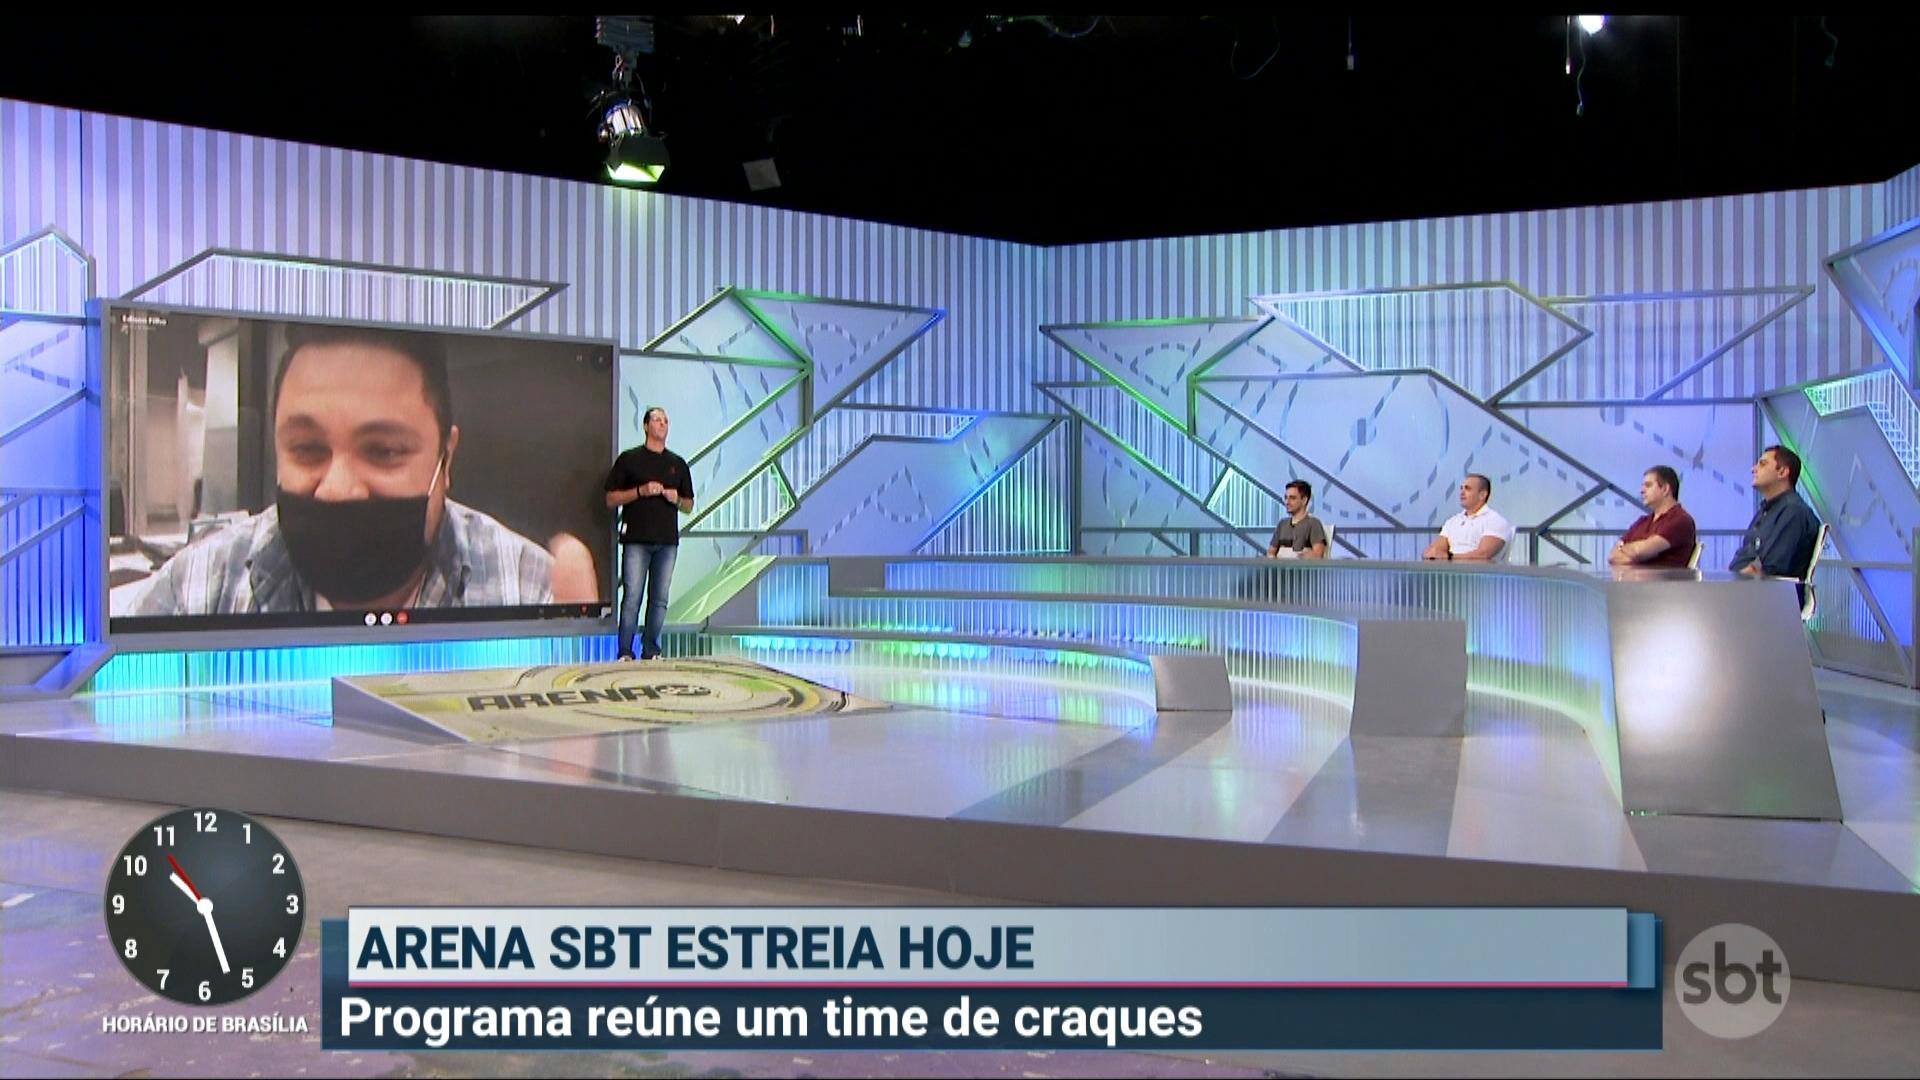 Veja como será o cenário do Arena SBT, com Benjamin Back